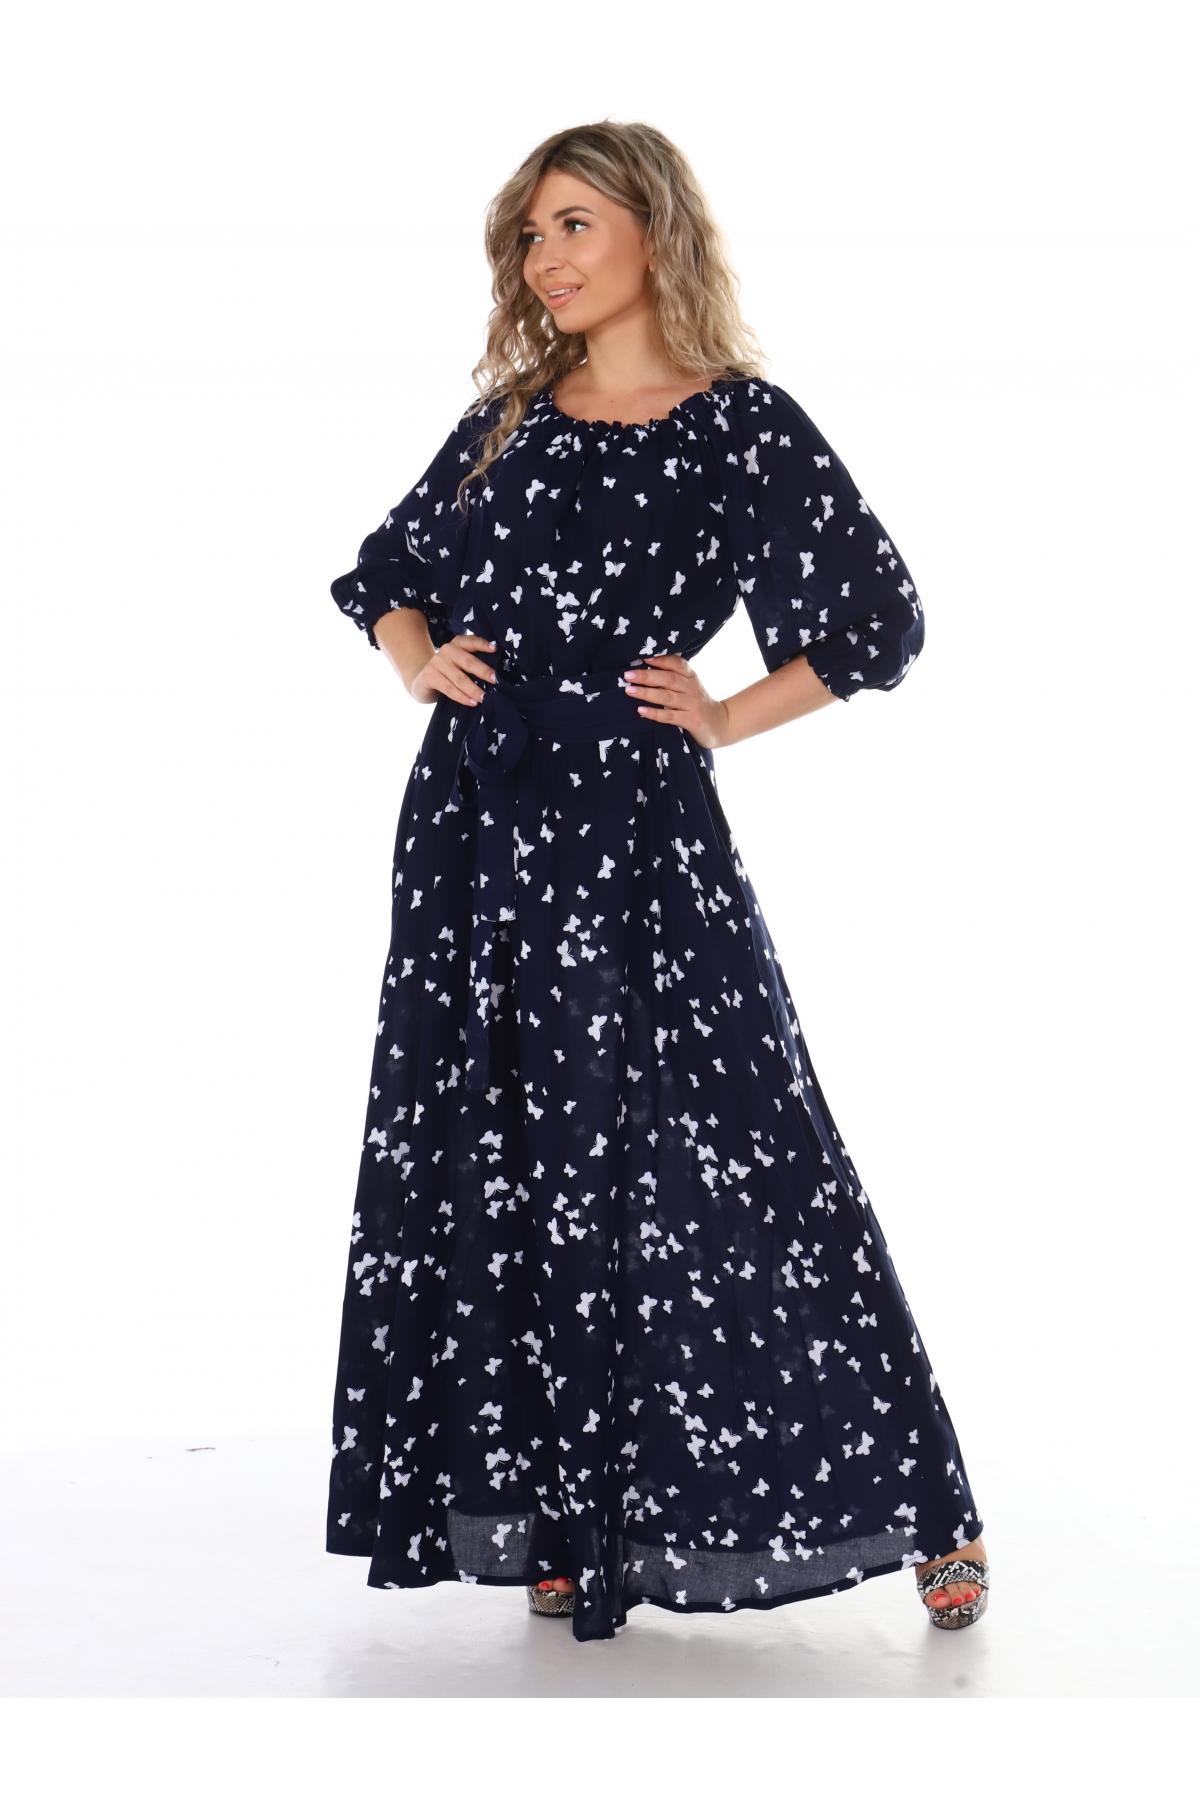 Платье повседневное в пол, принт белые бабочки на черном